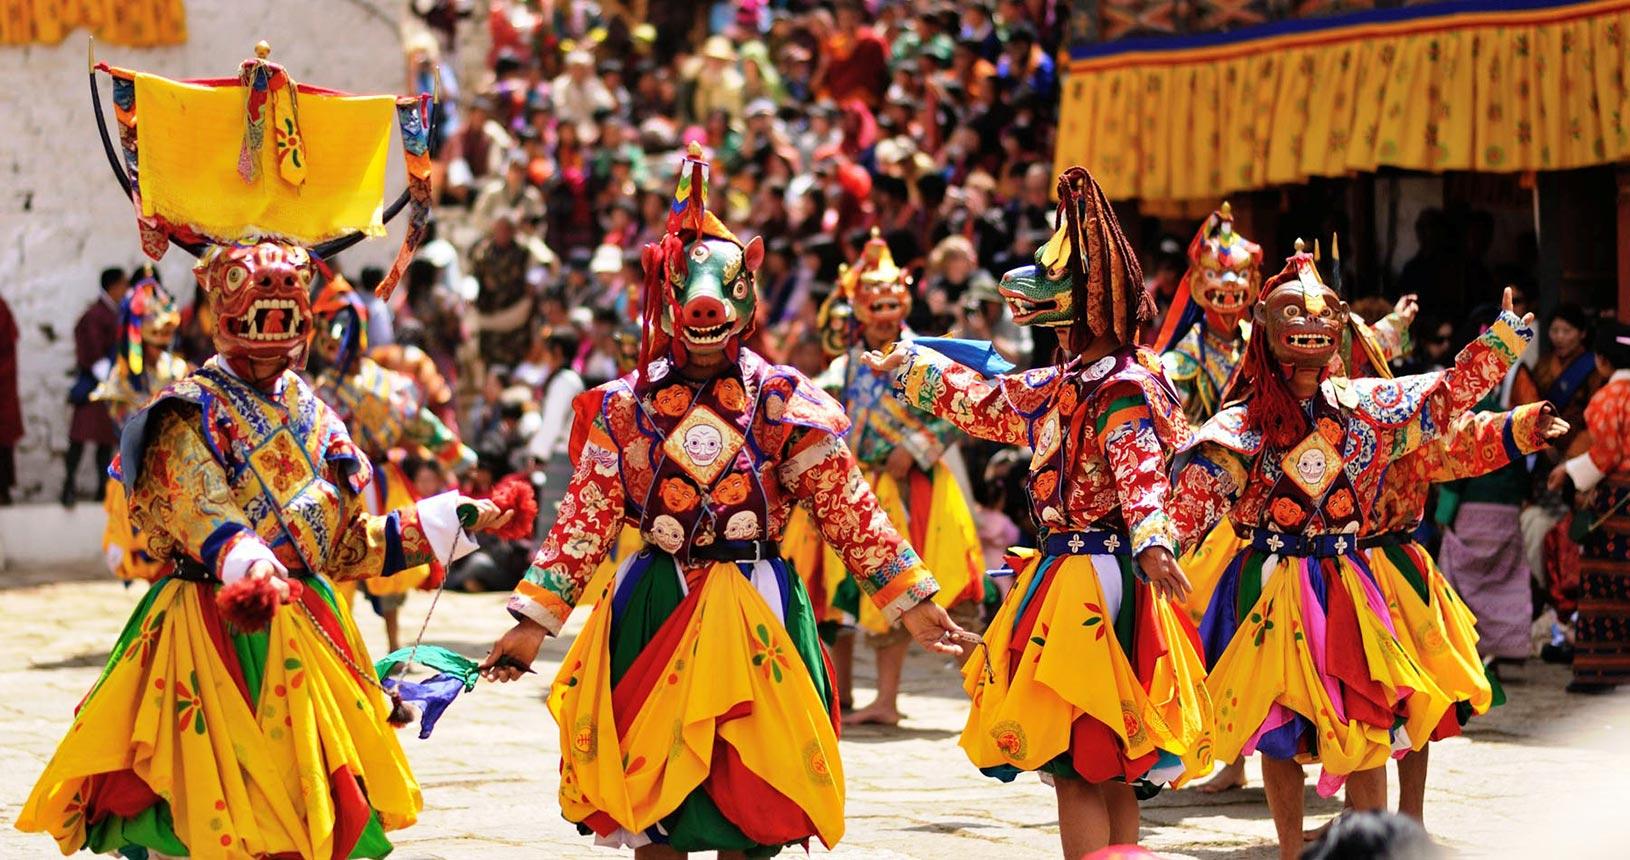 Paro Tshechu in Bhutan